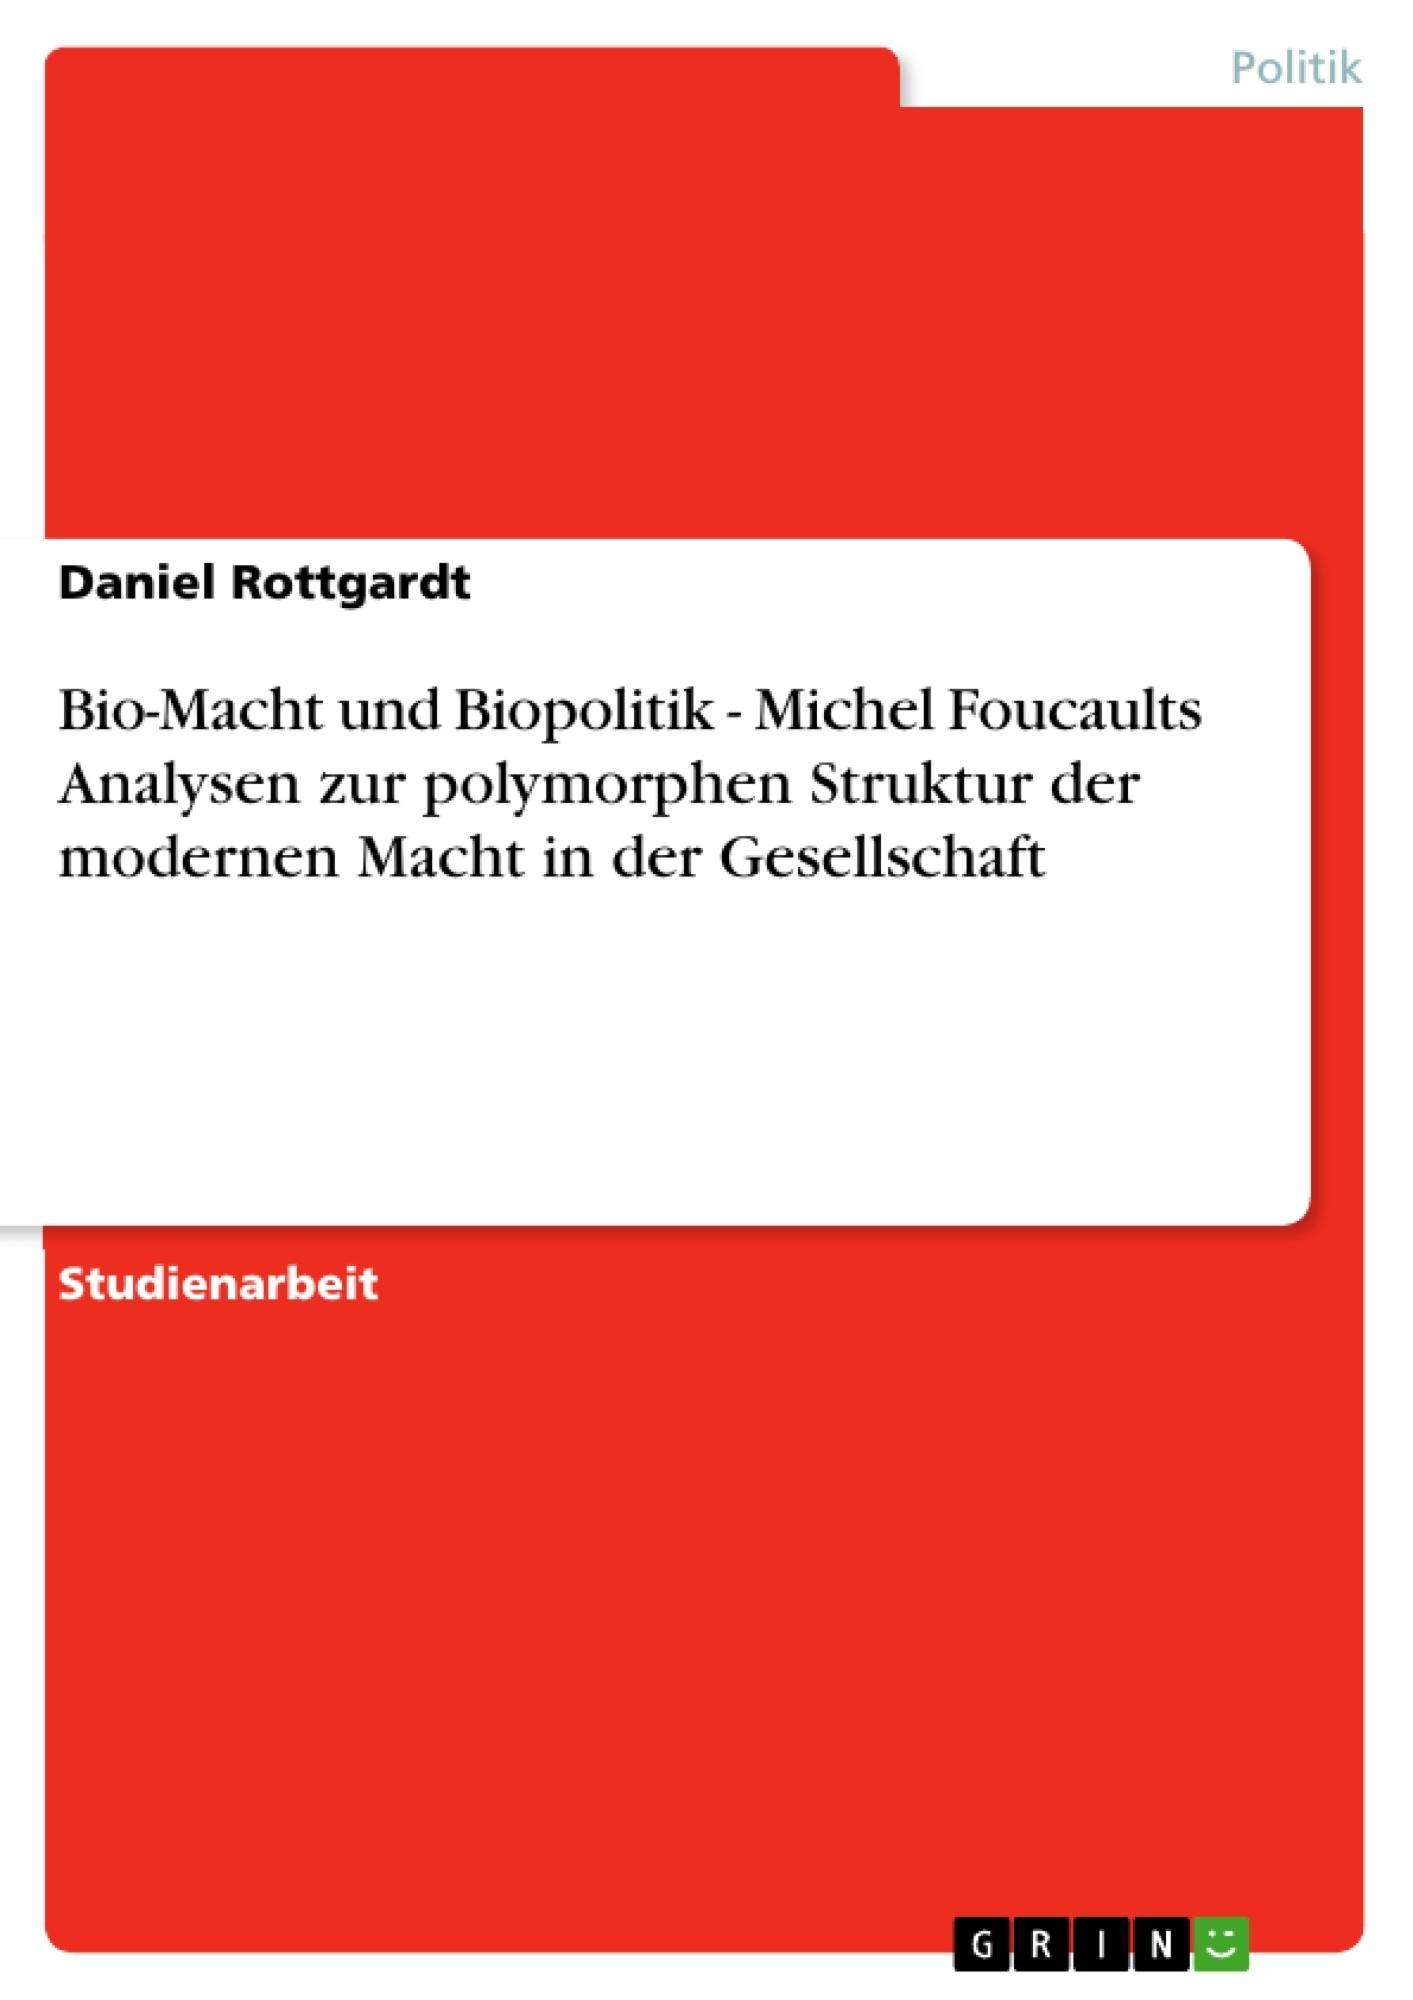 Titel: Bio-Macht und Biopolitik - Michel Foucaults Analysen zur polymorphen Struktur der modernen Macht in der Gesellschaft